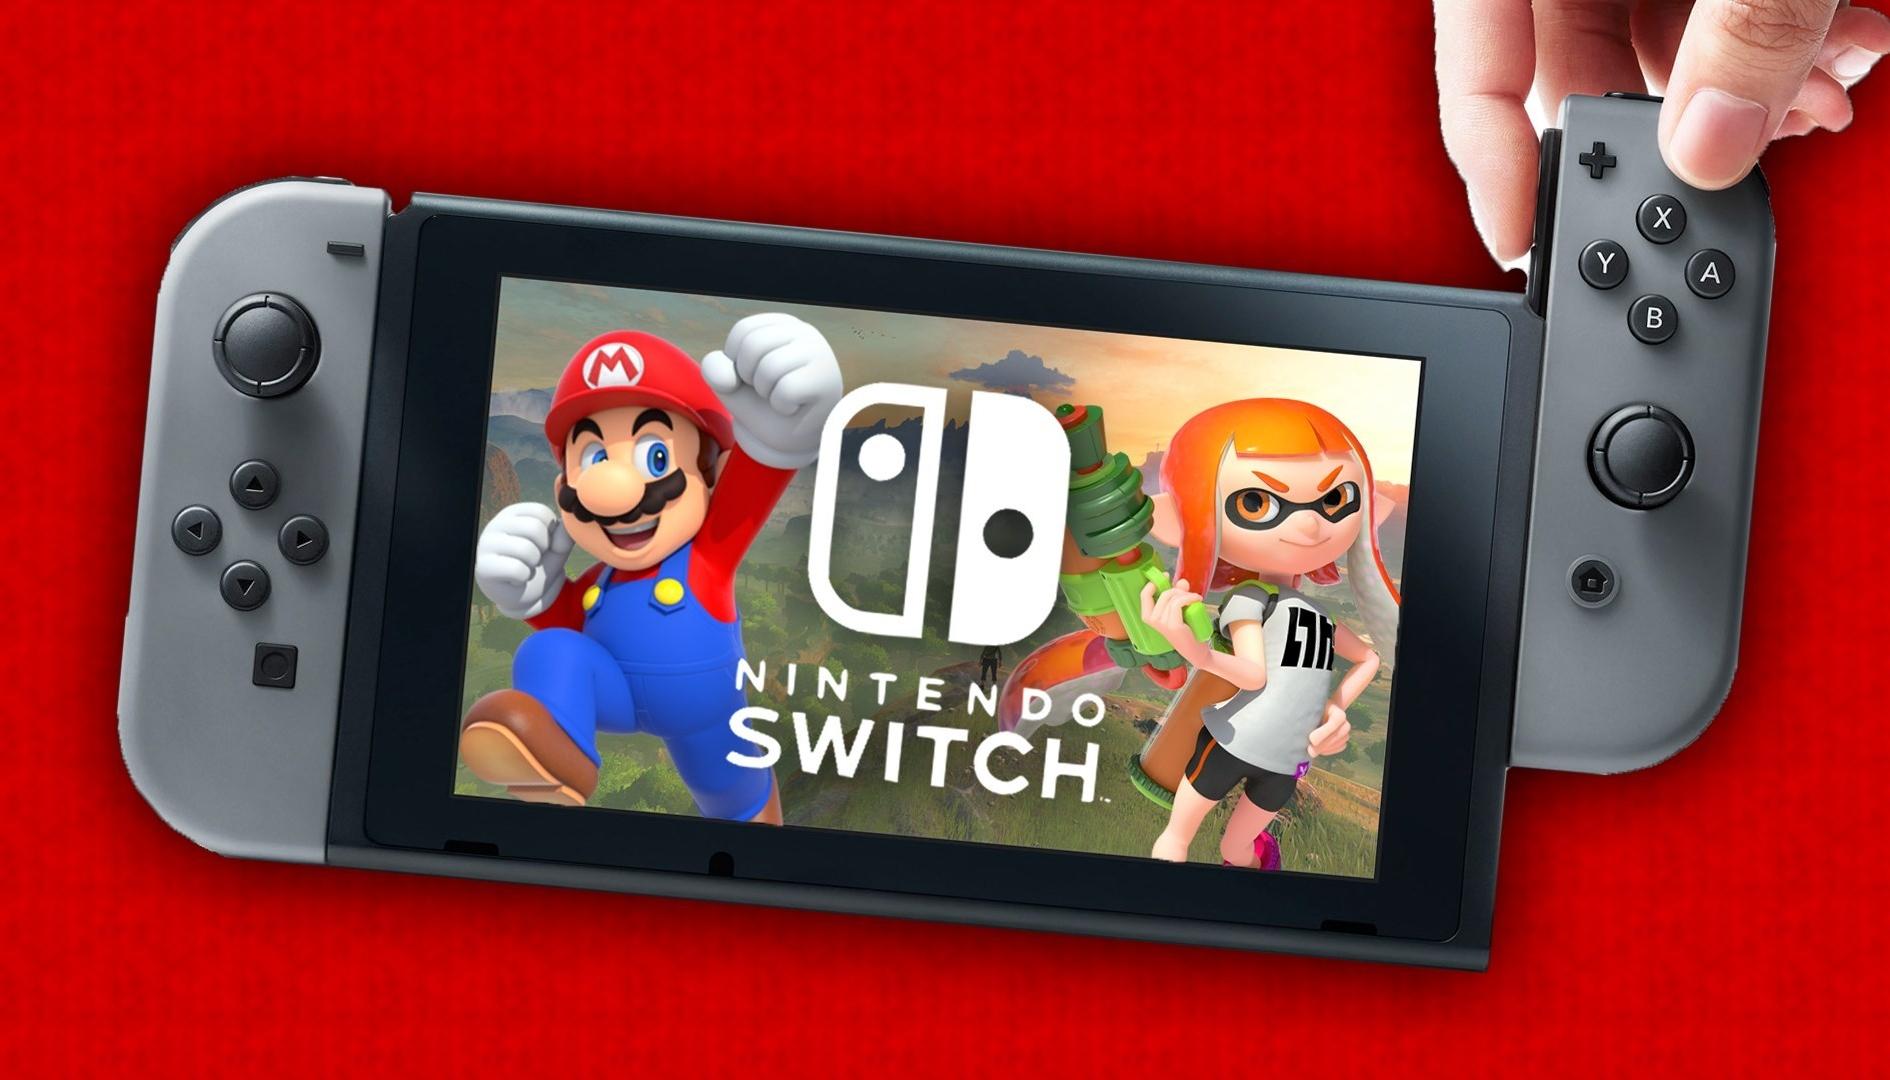 Nintendo Switch: nuovo brevetto svela una penna touch per i Joy-Con